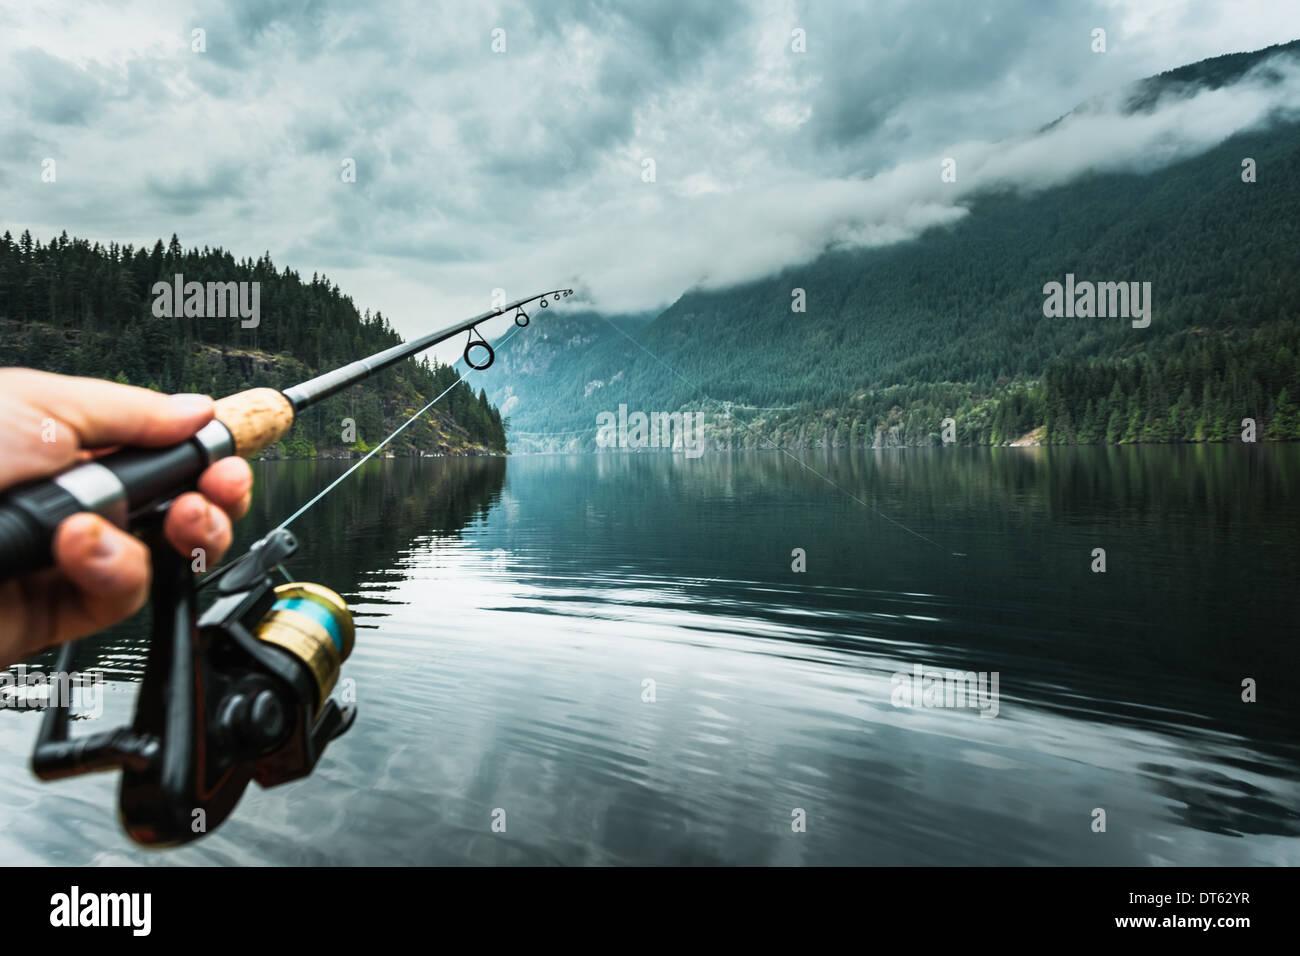 Uomo con canna da pesca close-up, Lago Buntzen, British Columbia, Canada Immagini Stock